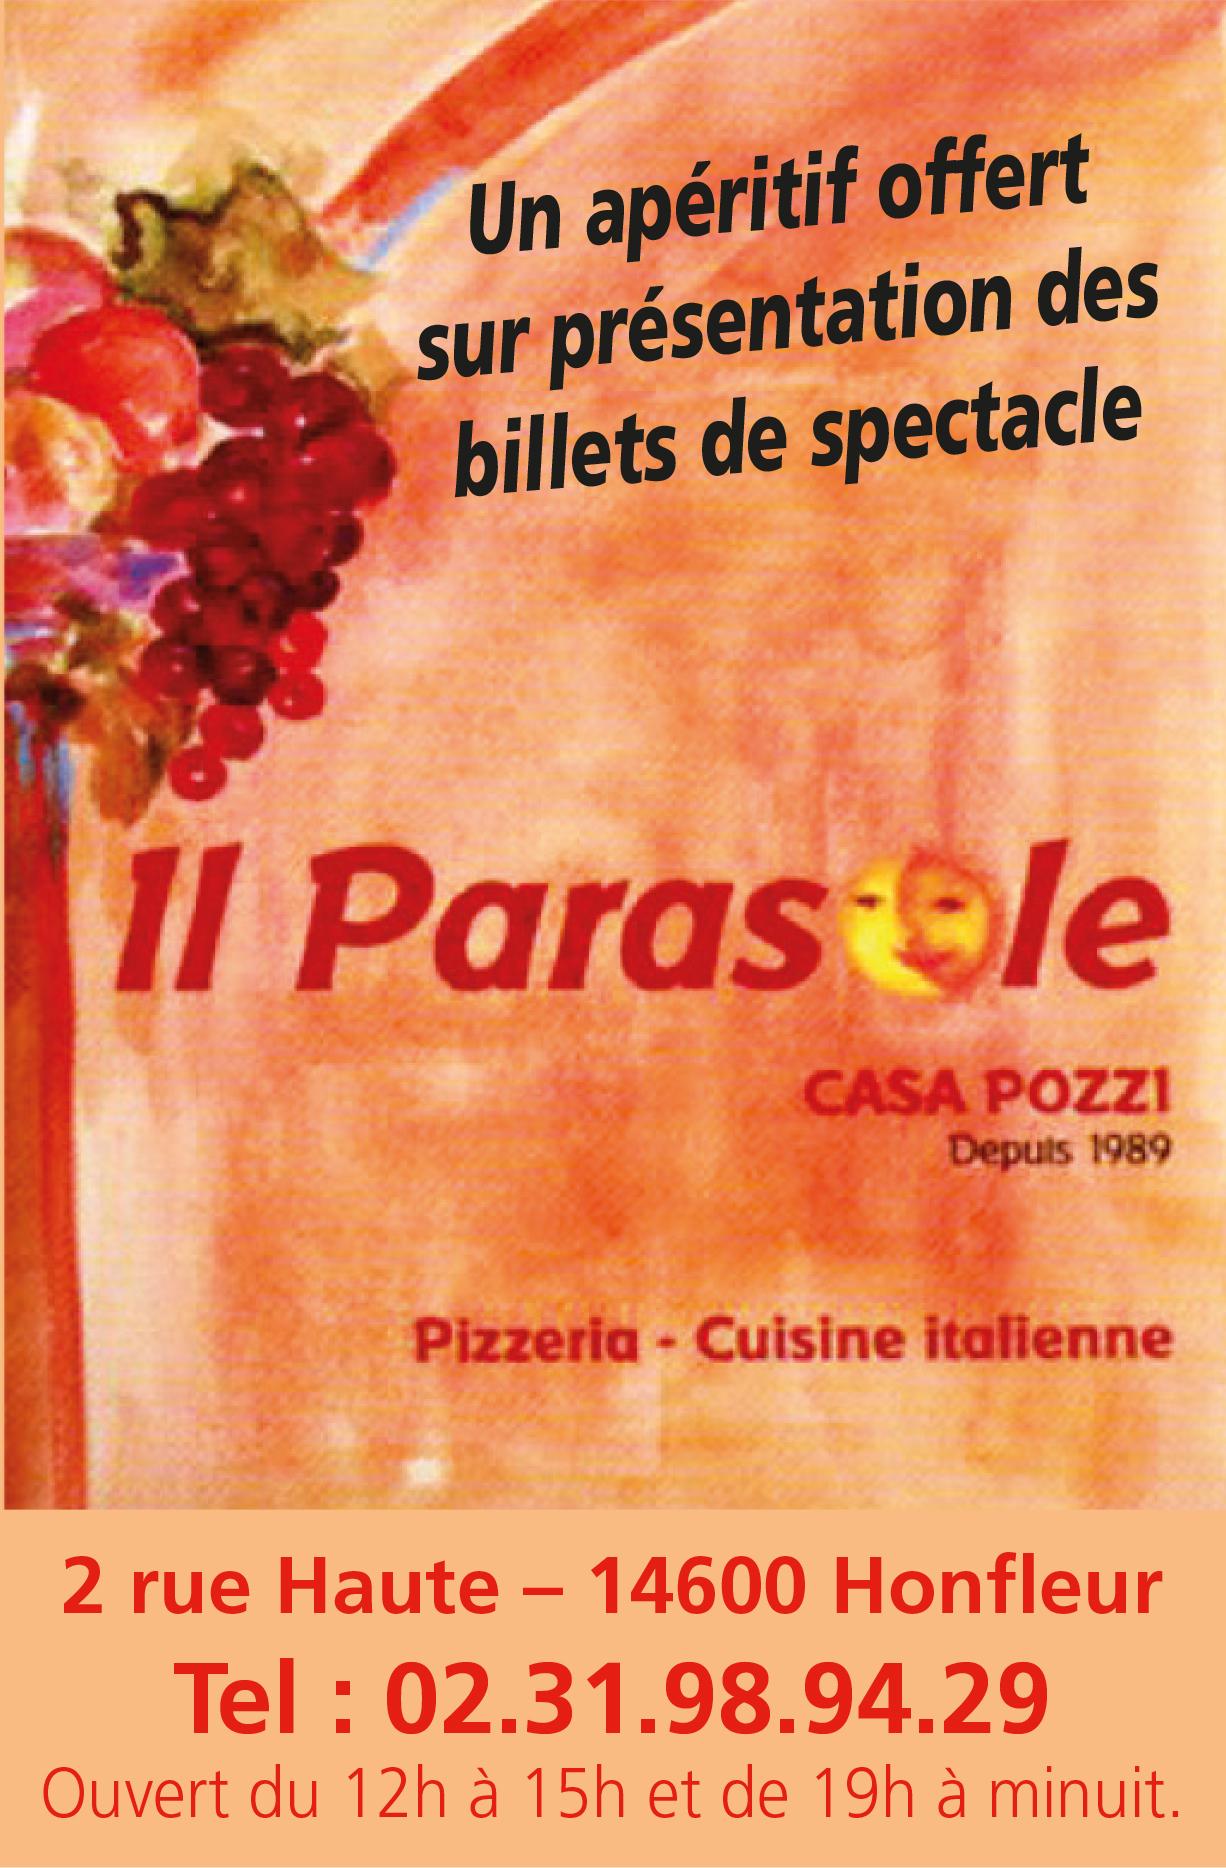 29 - Il Parasole